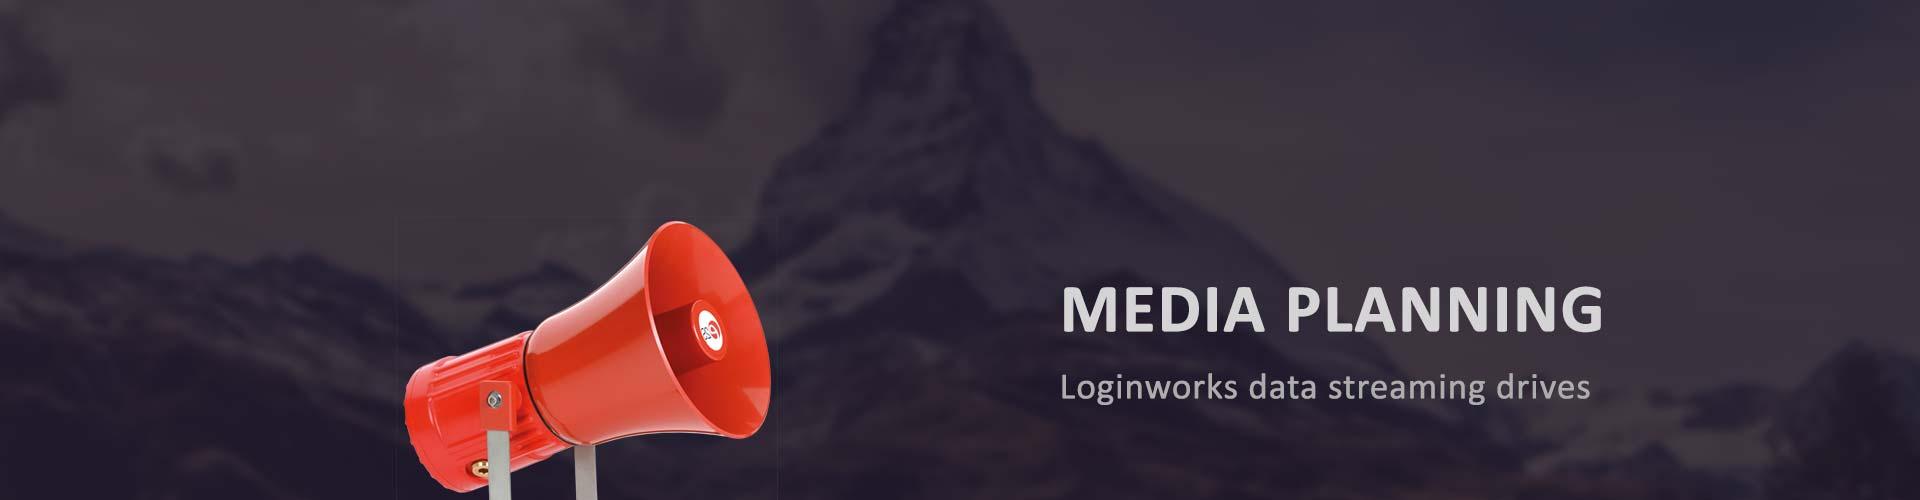 media-planning-loginworks